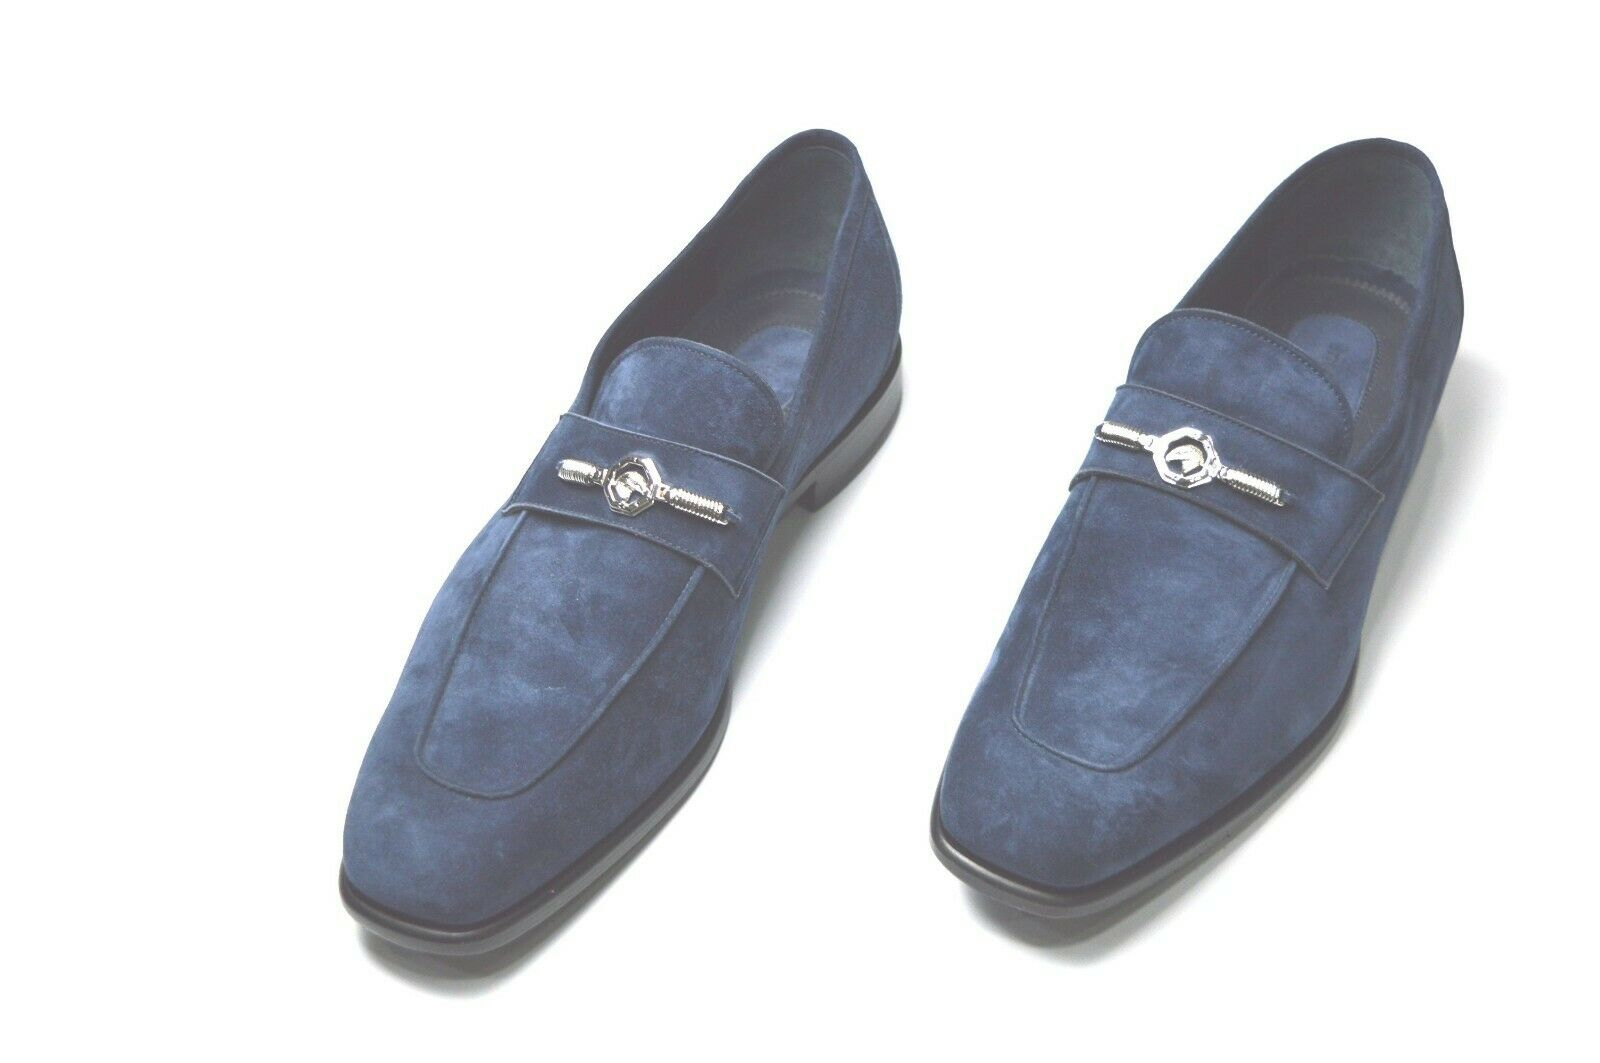 Nuevos Mocasines STEFANO RICCI con el logotipo de Lujo Zapatos Talla nos 8.5 (A455)